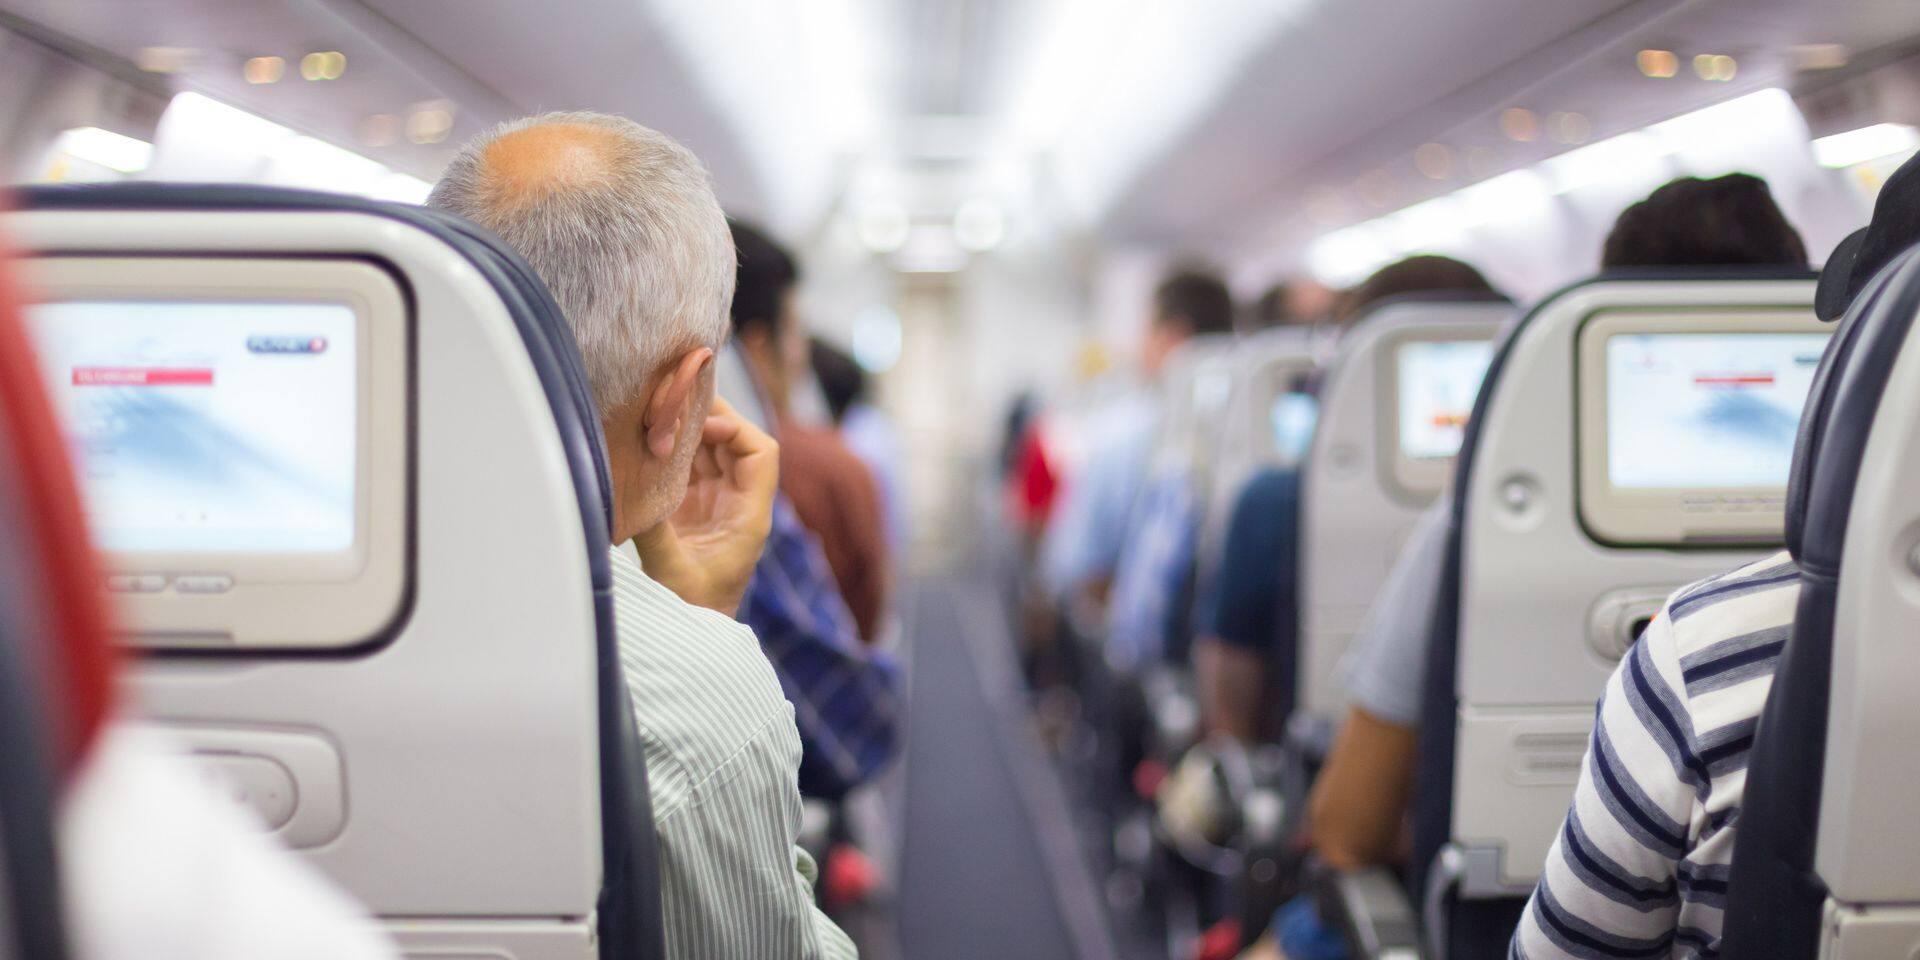 Selon une étude, les passagers des avions peuvent encore être infectés par le Covid-19 malgré toutes les précautions prises